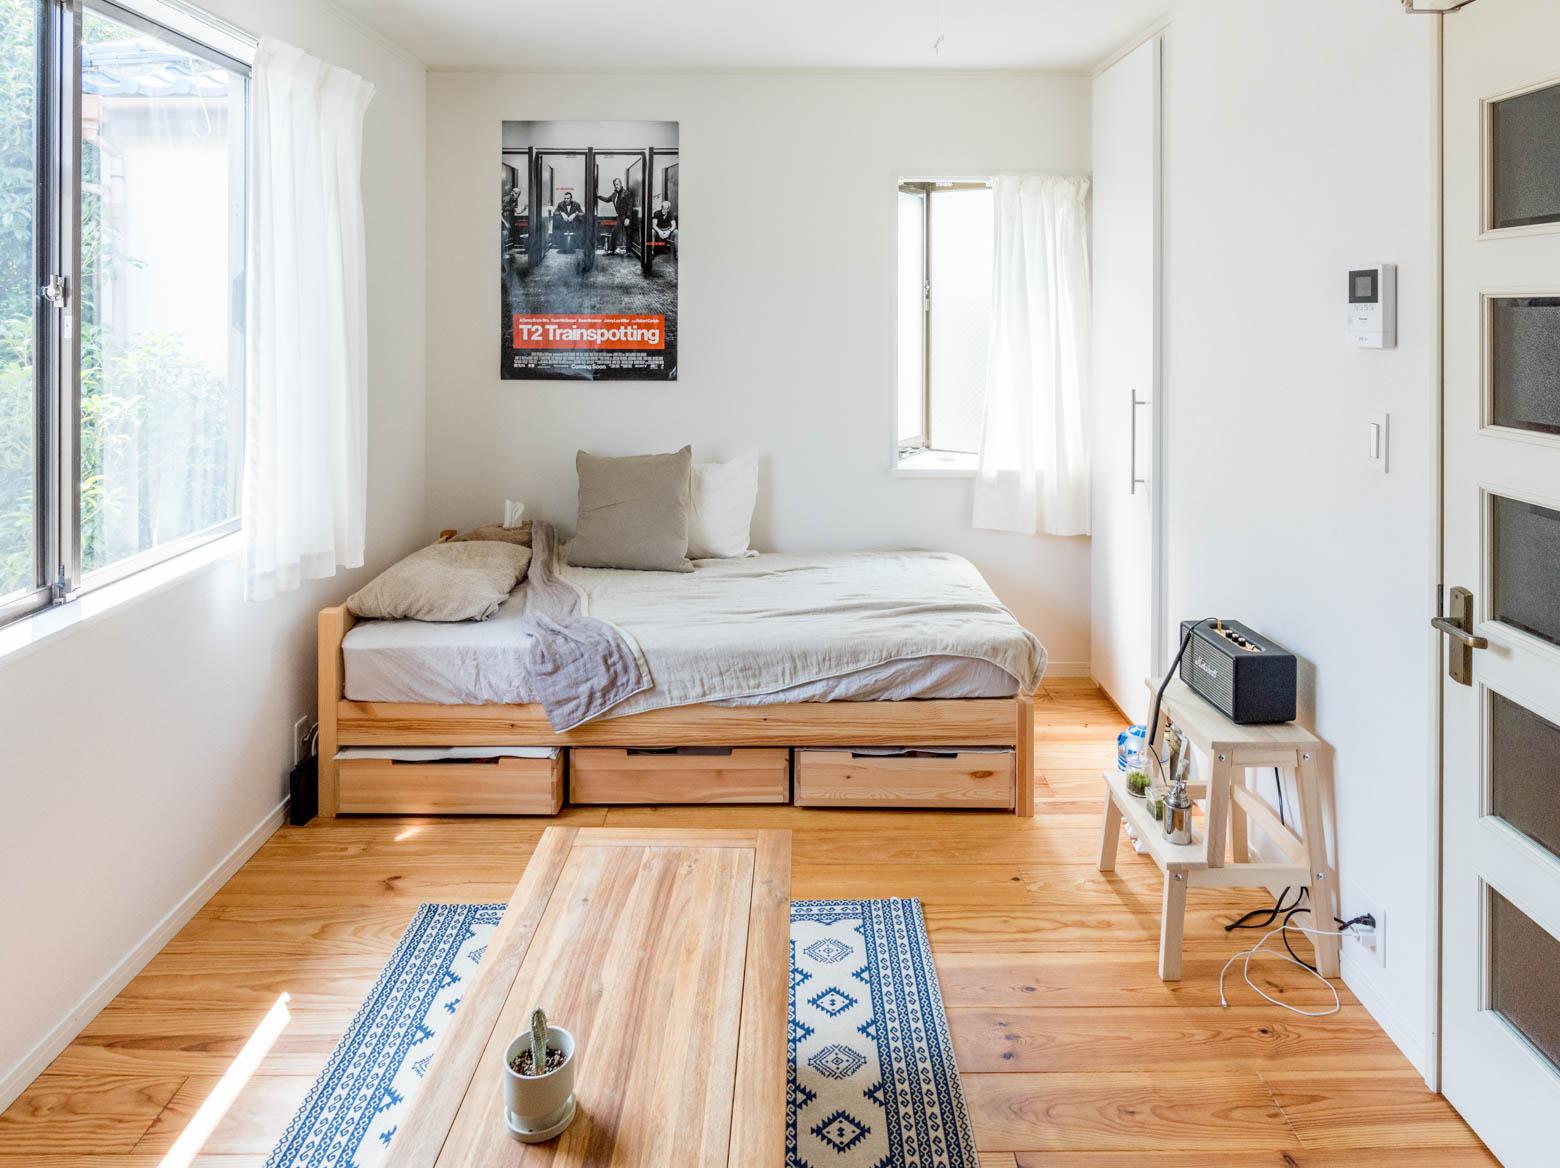 参考記事:一人暮らしの家具って、何が必要? みんなの部屋をのぞいてみた